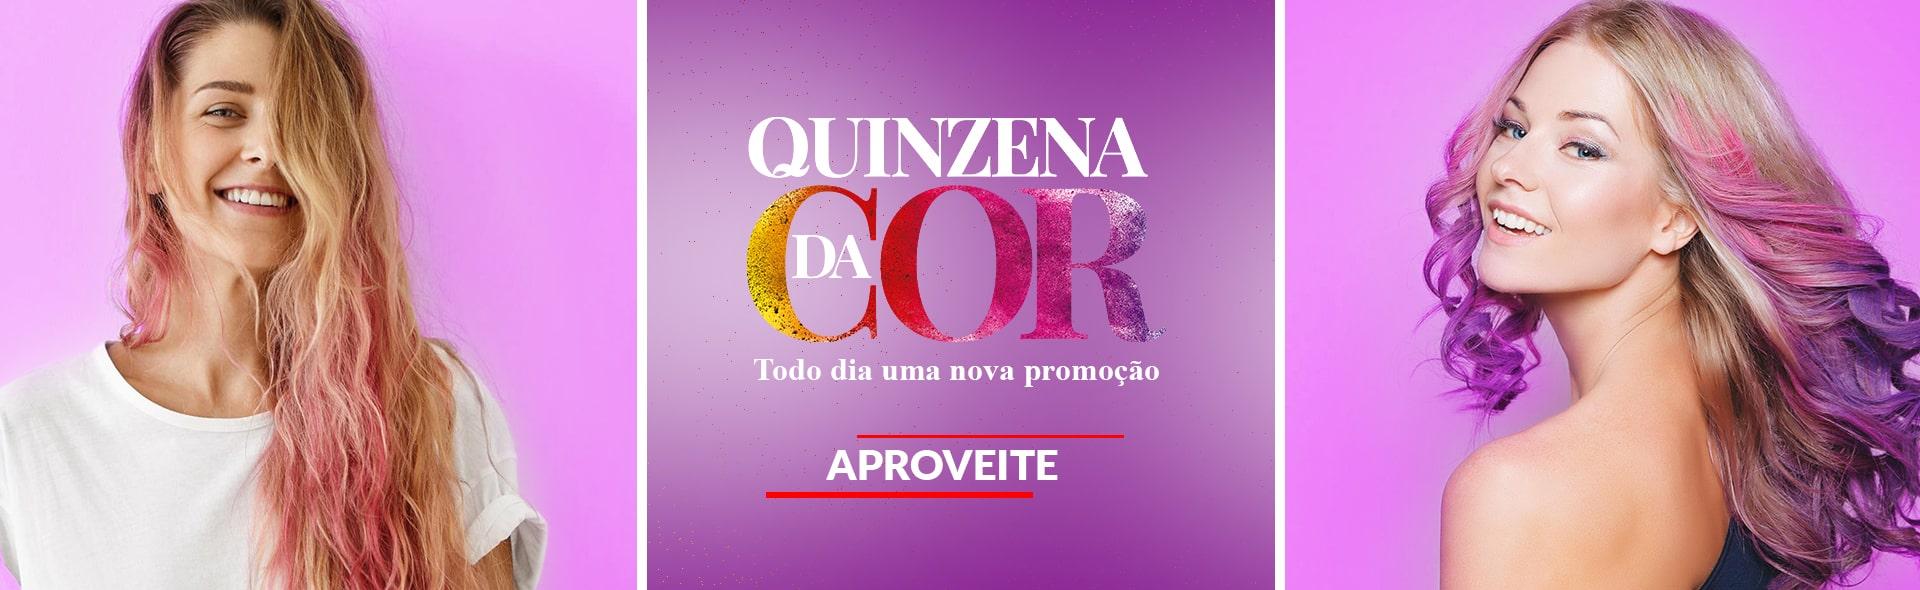 Quinzena Da Cor